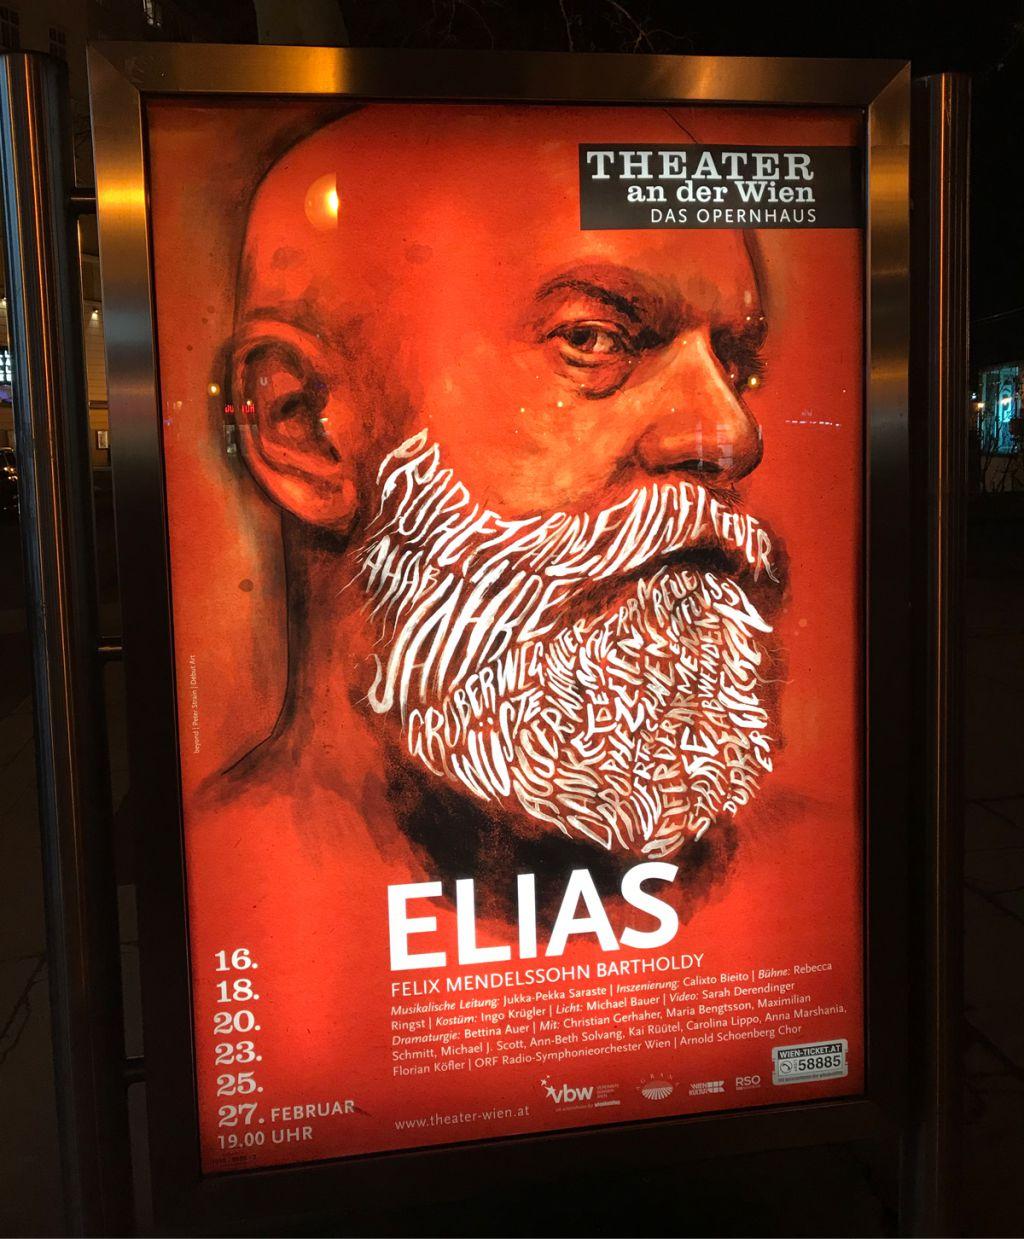 theater-an-der-wien-i_09